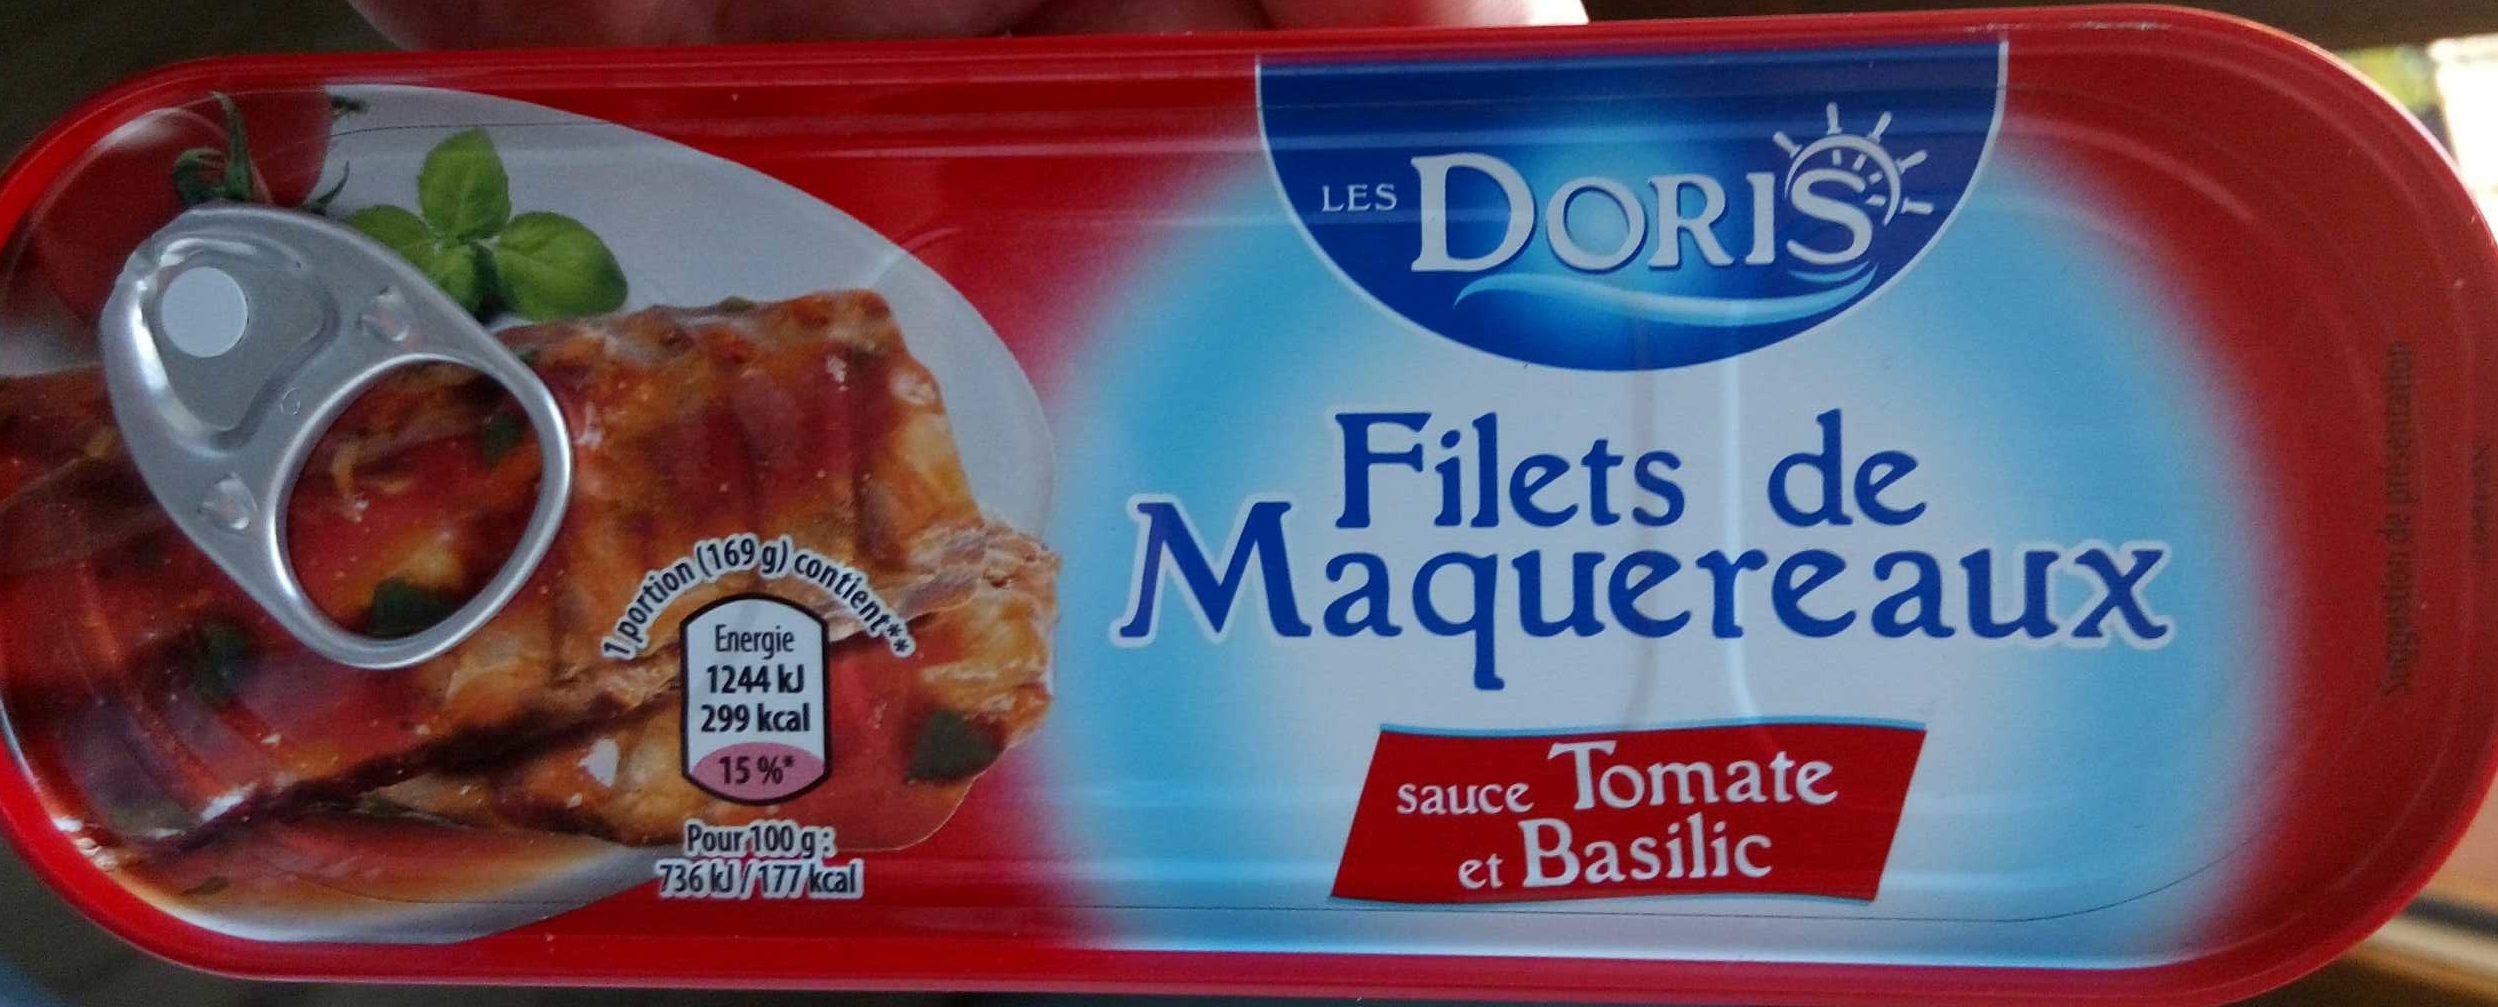 Filets de Maquereaux (à la sauce Tomate et au Basilic) - Product - fr